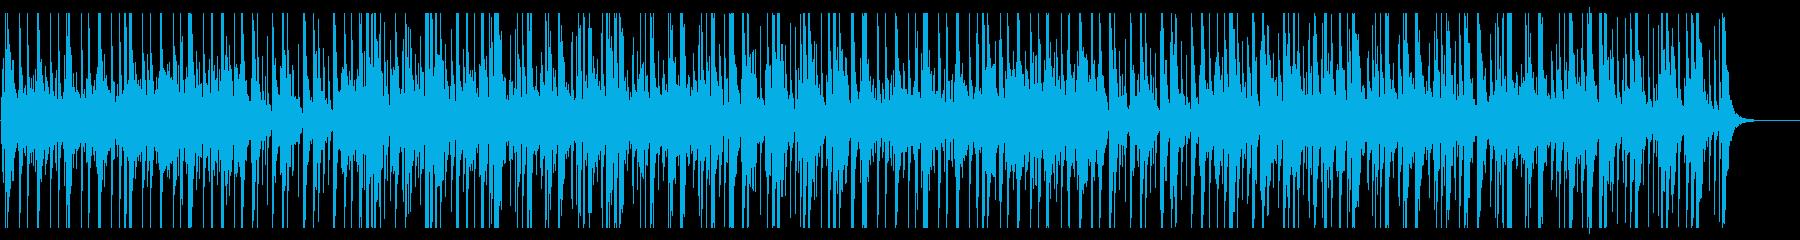 アップテンポな威勢の良い和太鼓のリズムの再生済みの波形